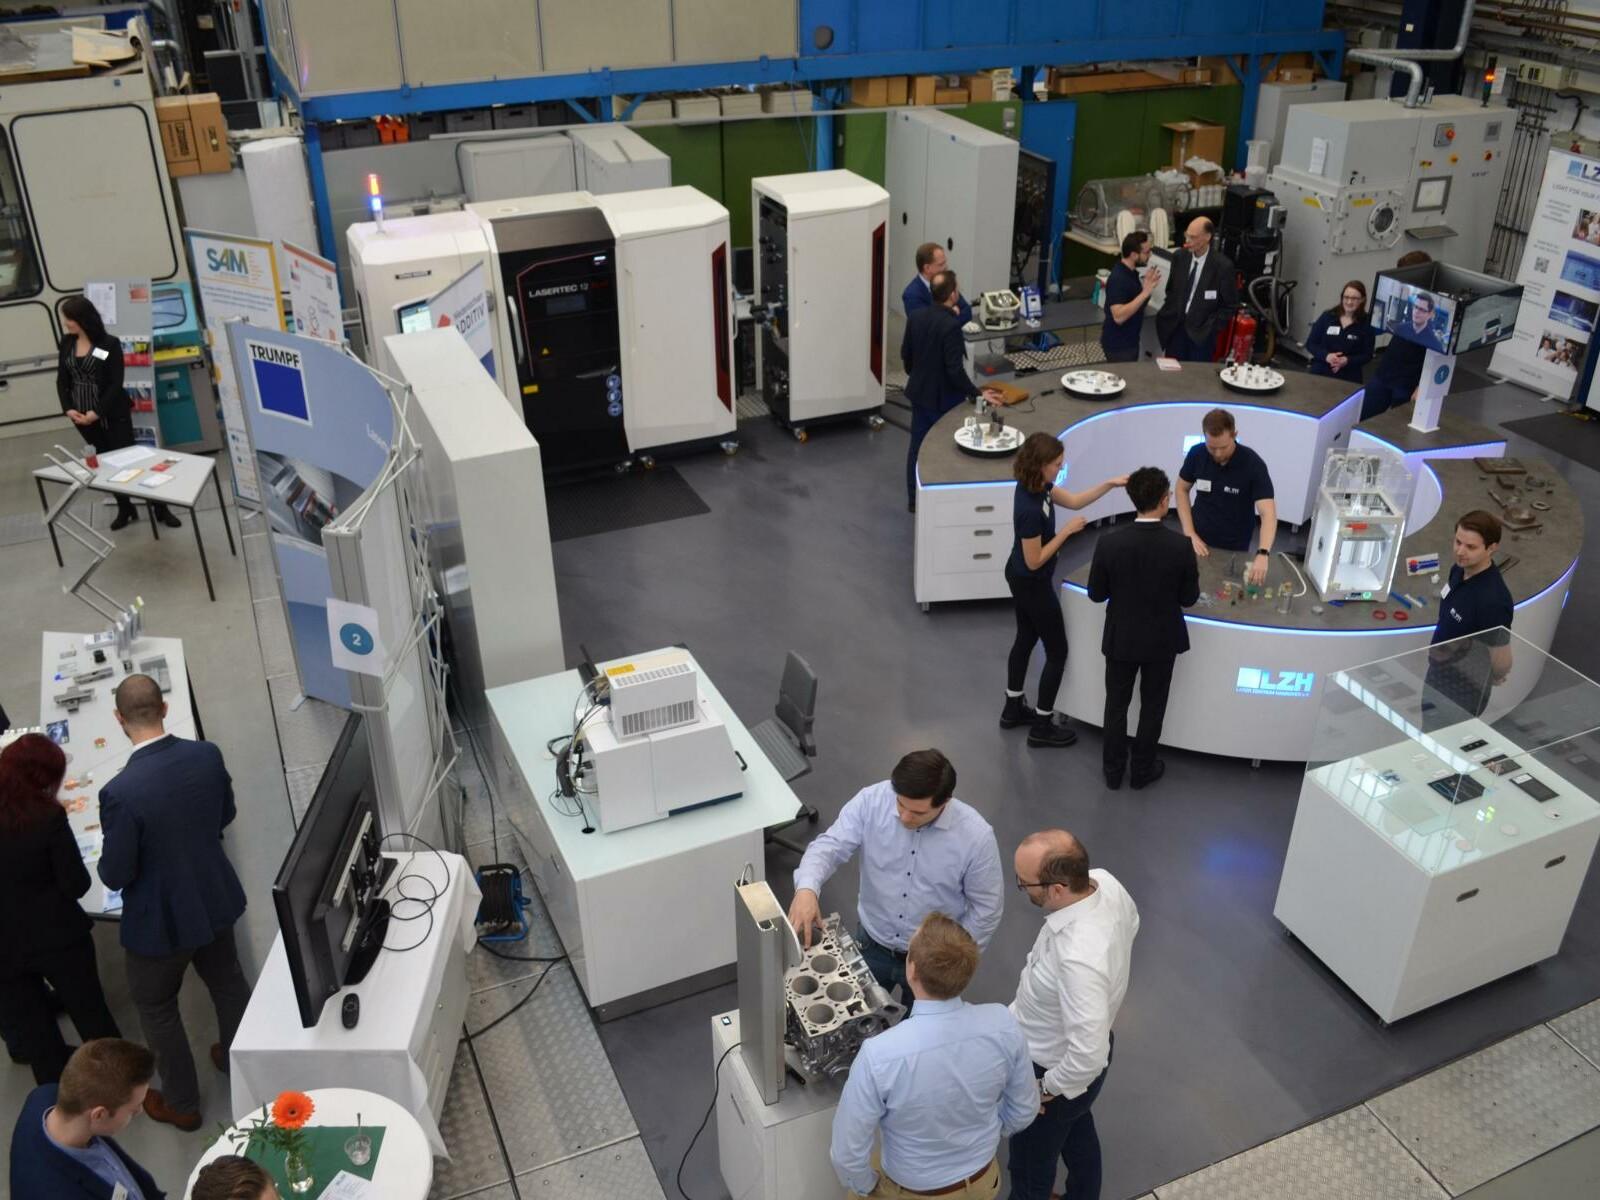 Blick auf diverse 3D-Drucker im Laser Zentrum Hannover.